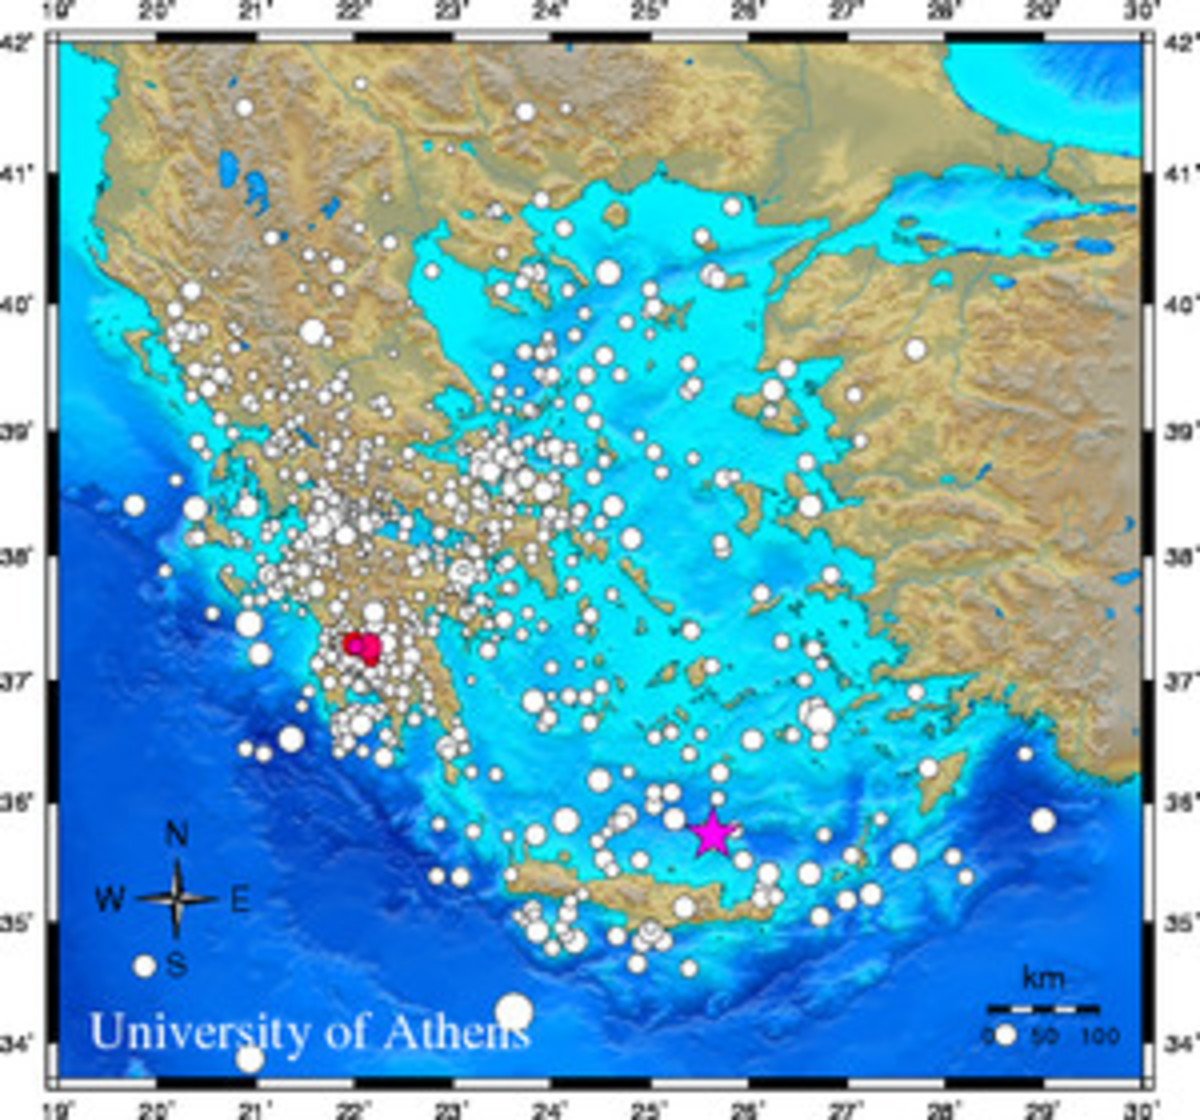 Επιφανειακός σεισμός ταρακούνησε την Κρήτη! | Newsit.gr